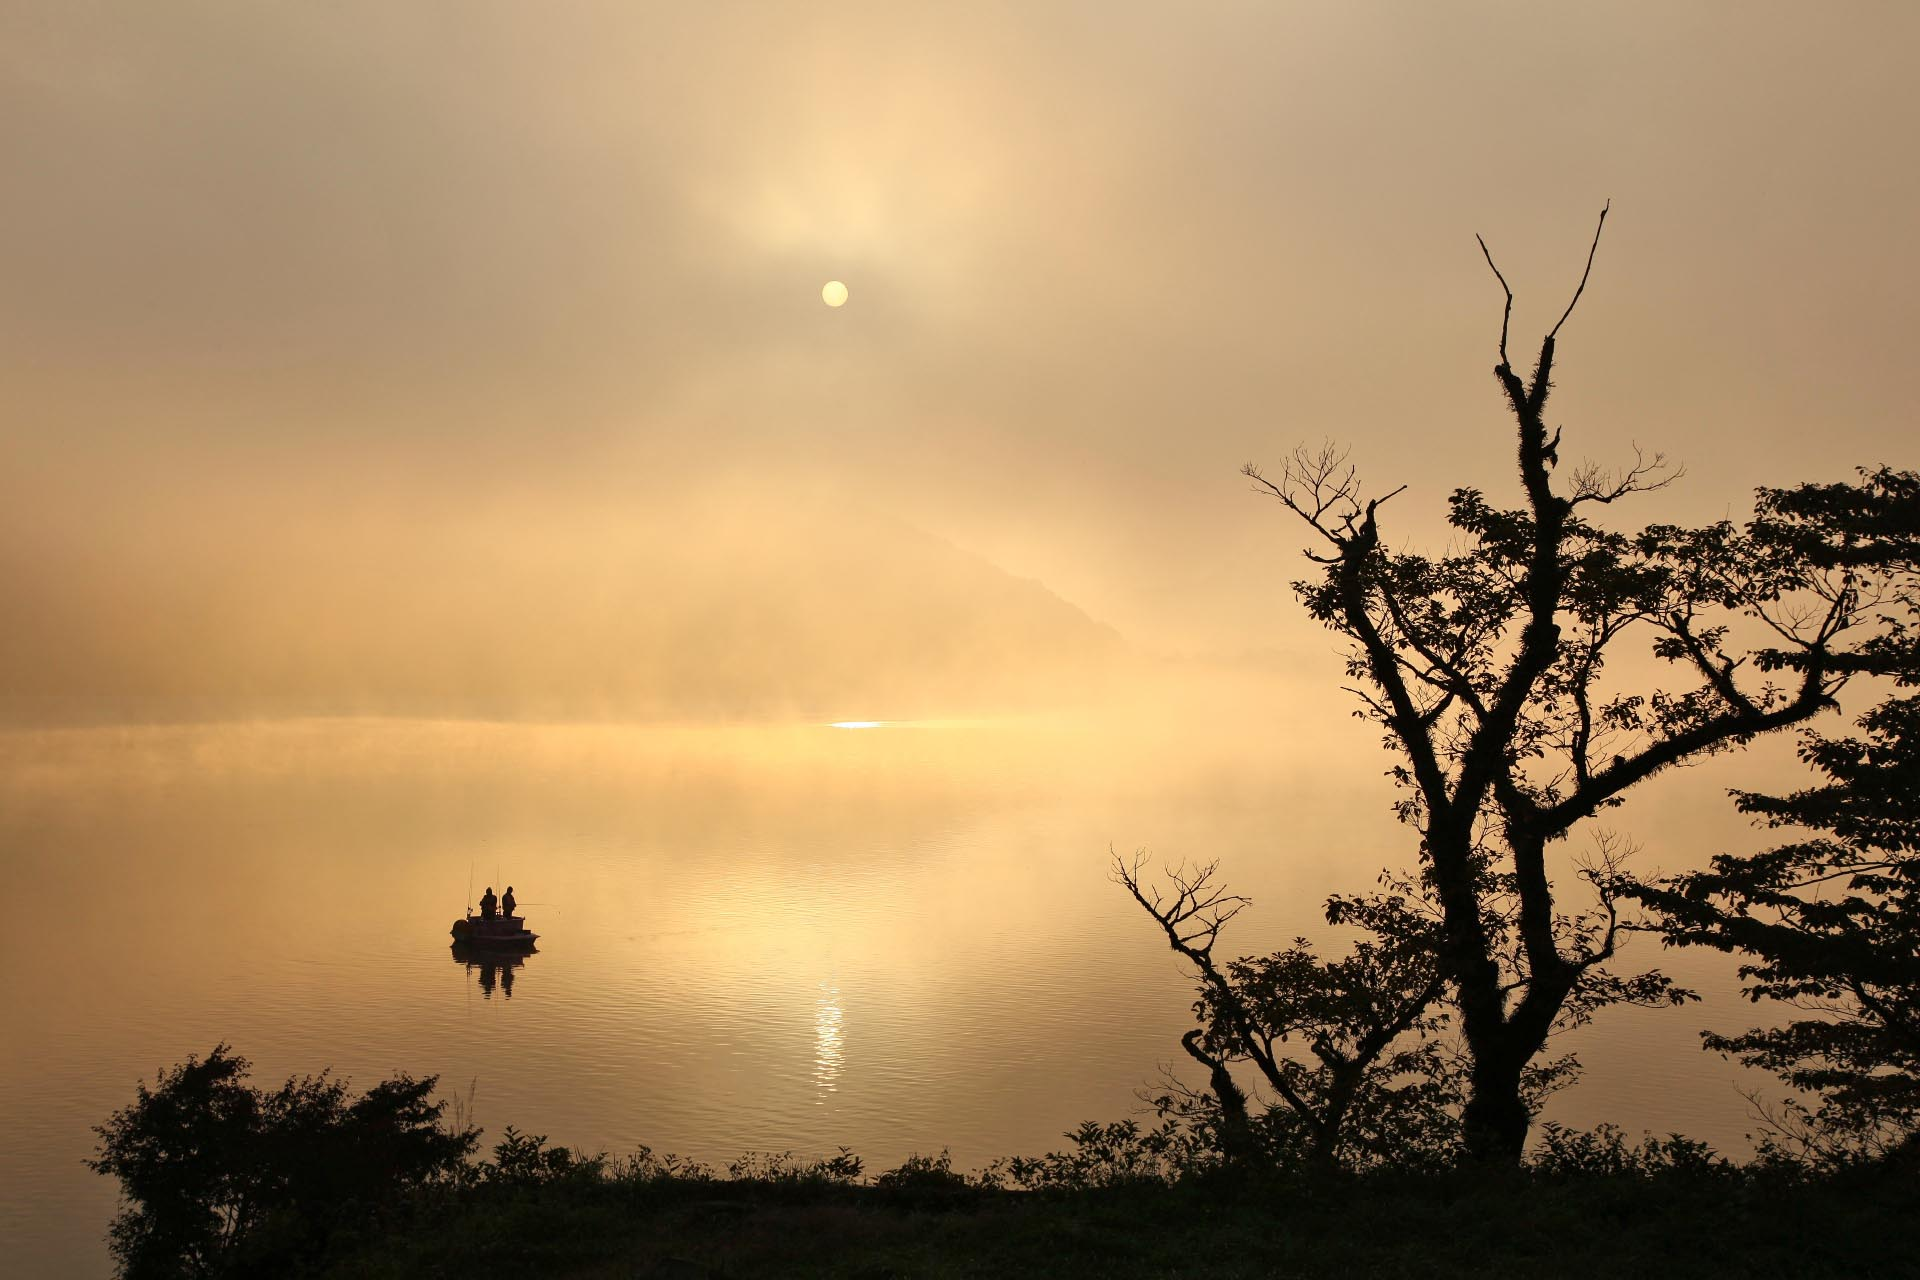 秋の朝の榛名湖 群馬の風景